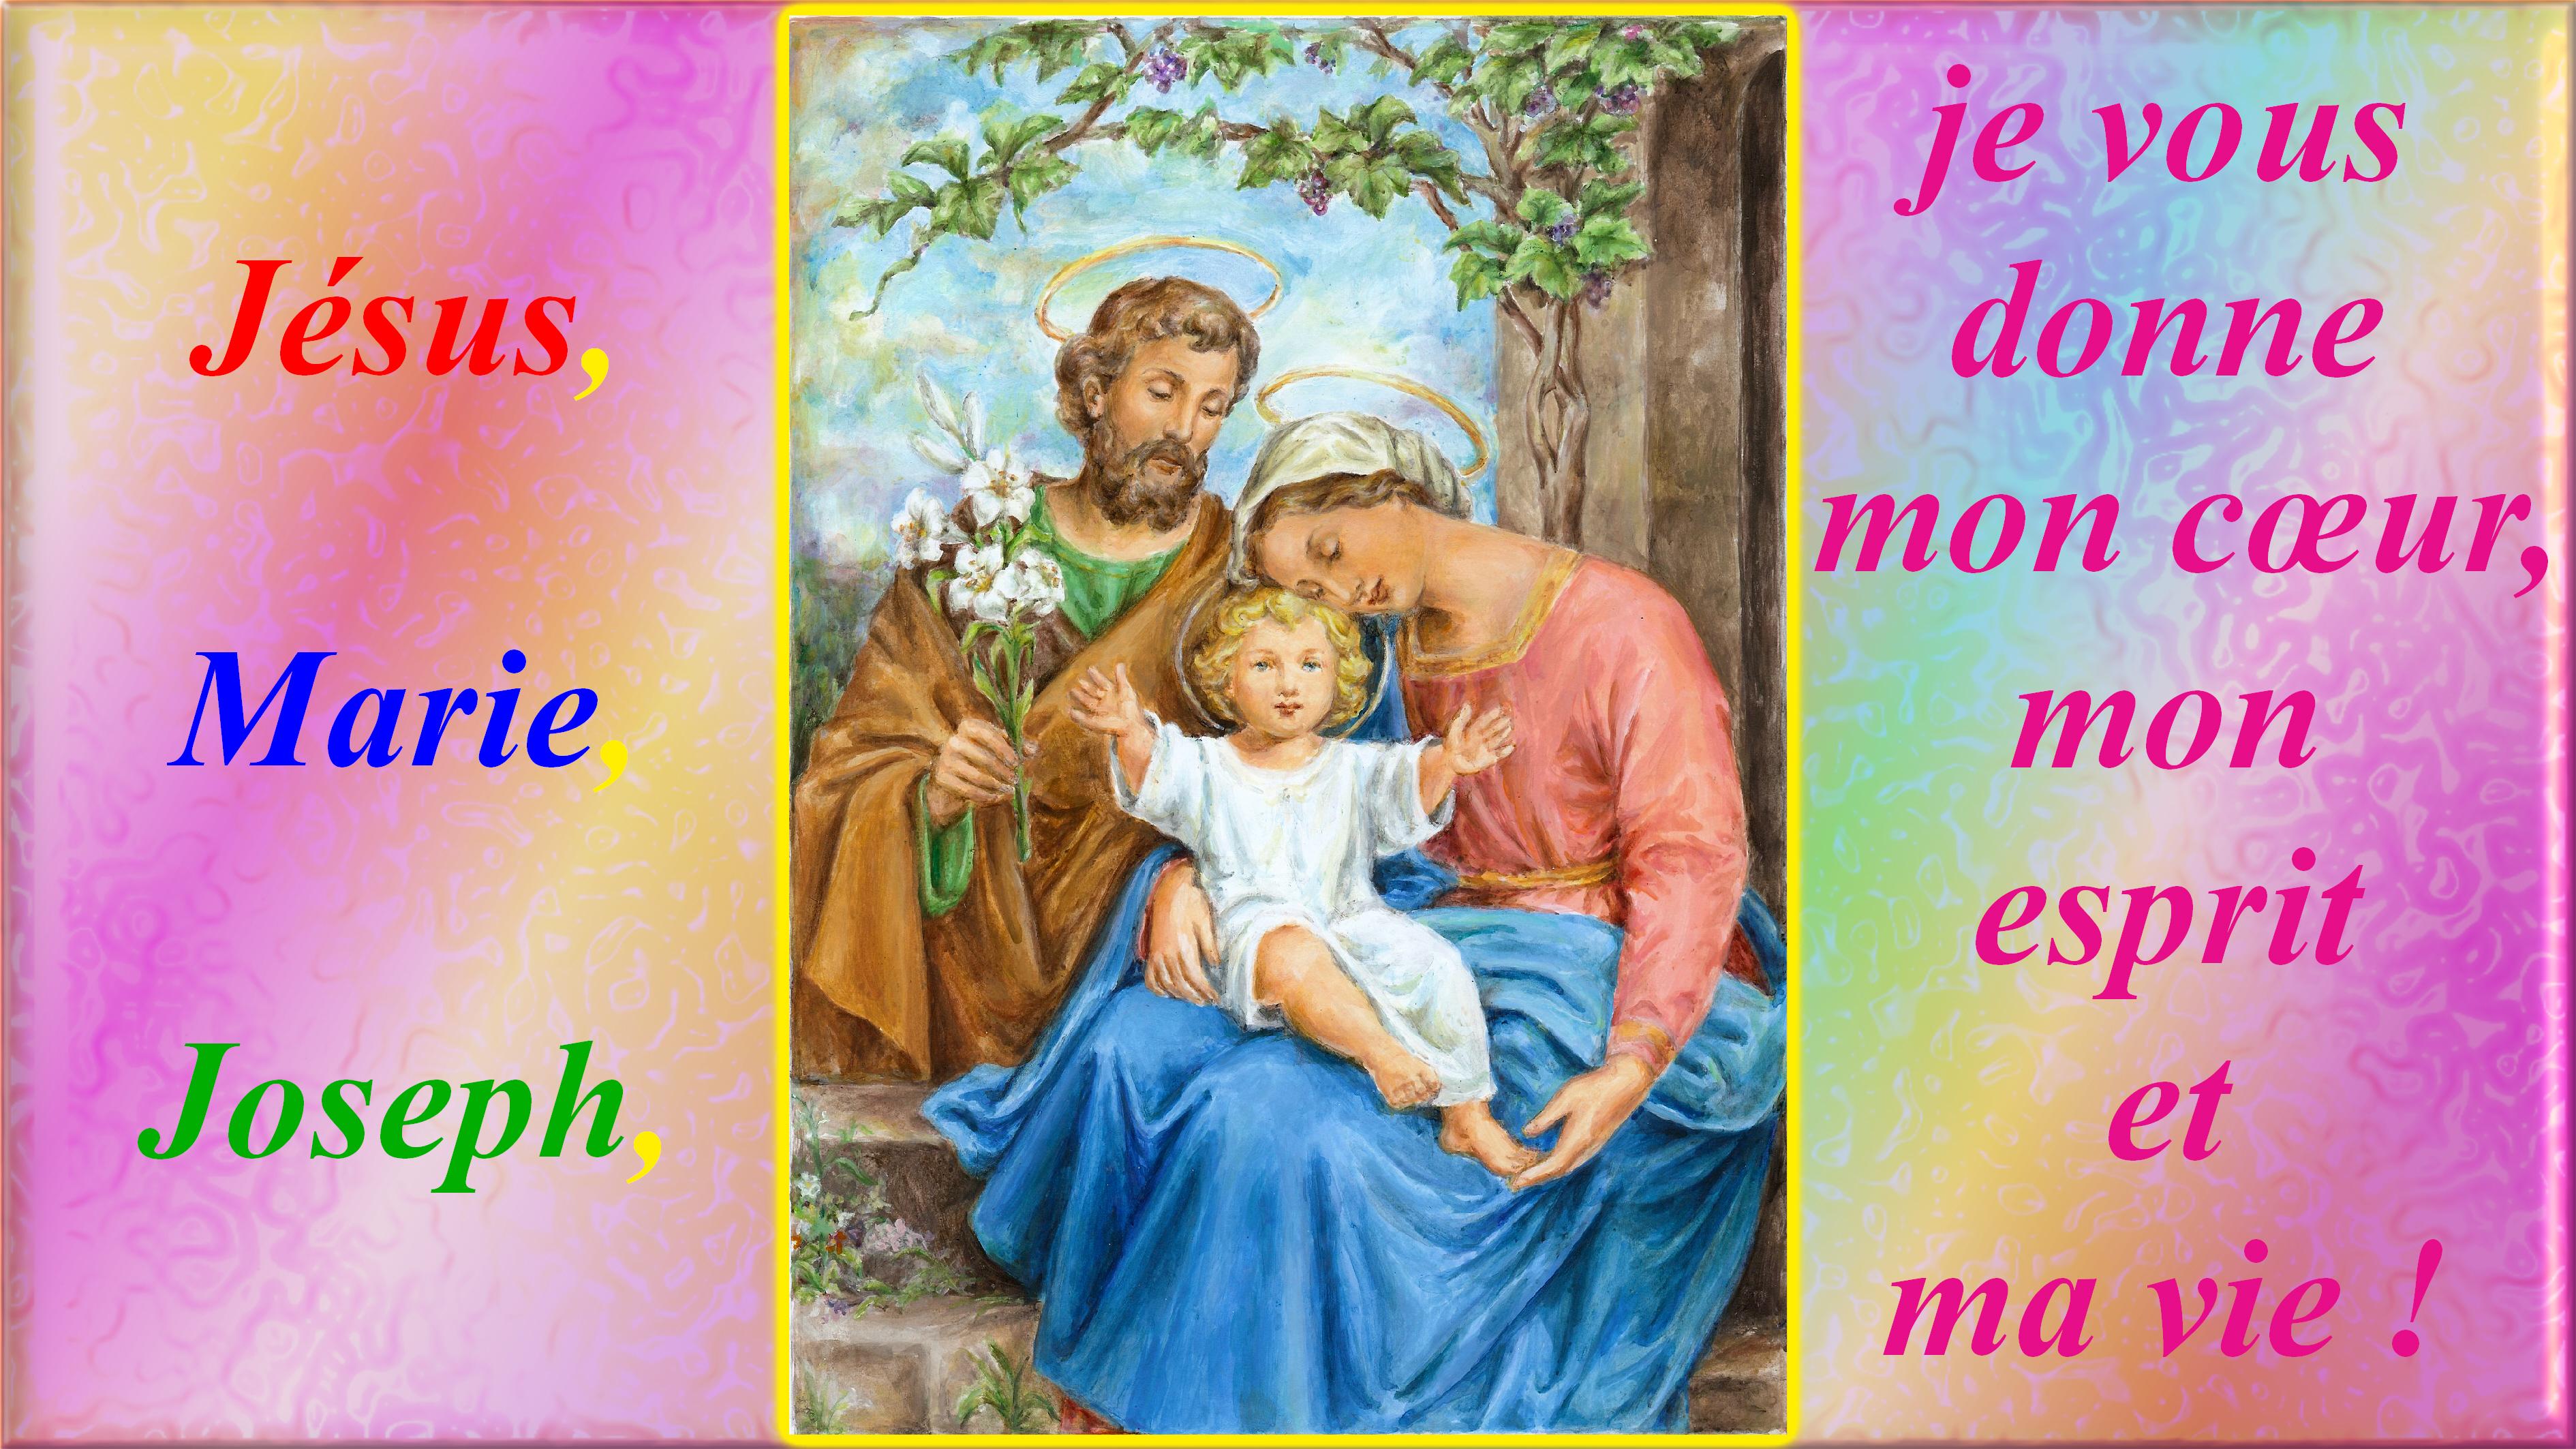 POURQUOI je t'AIME, ô MARIE ! - Page 2 J-sus-marie-josep...-ma-vie--559361f